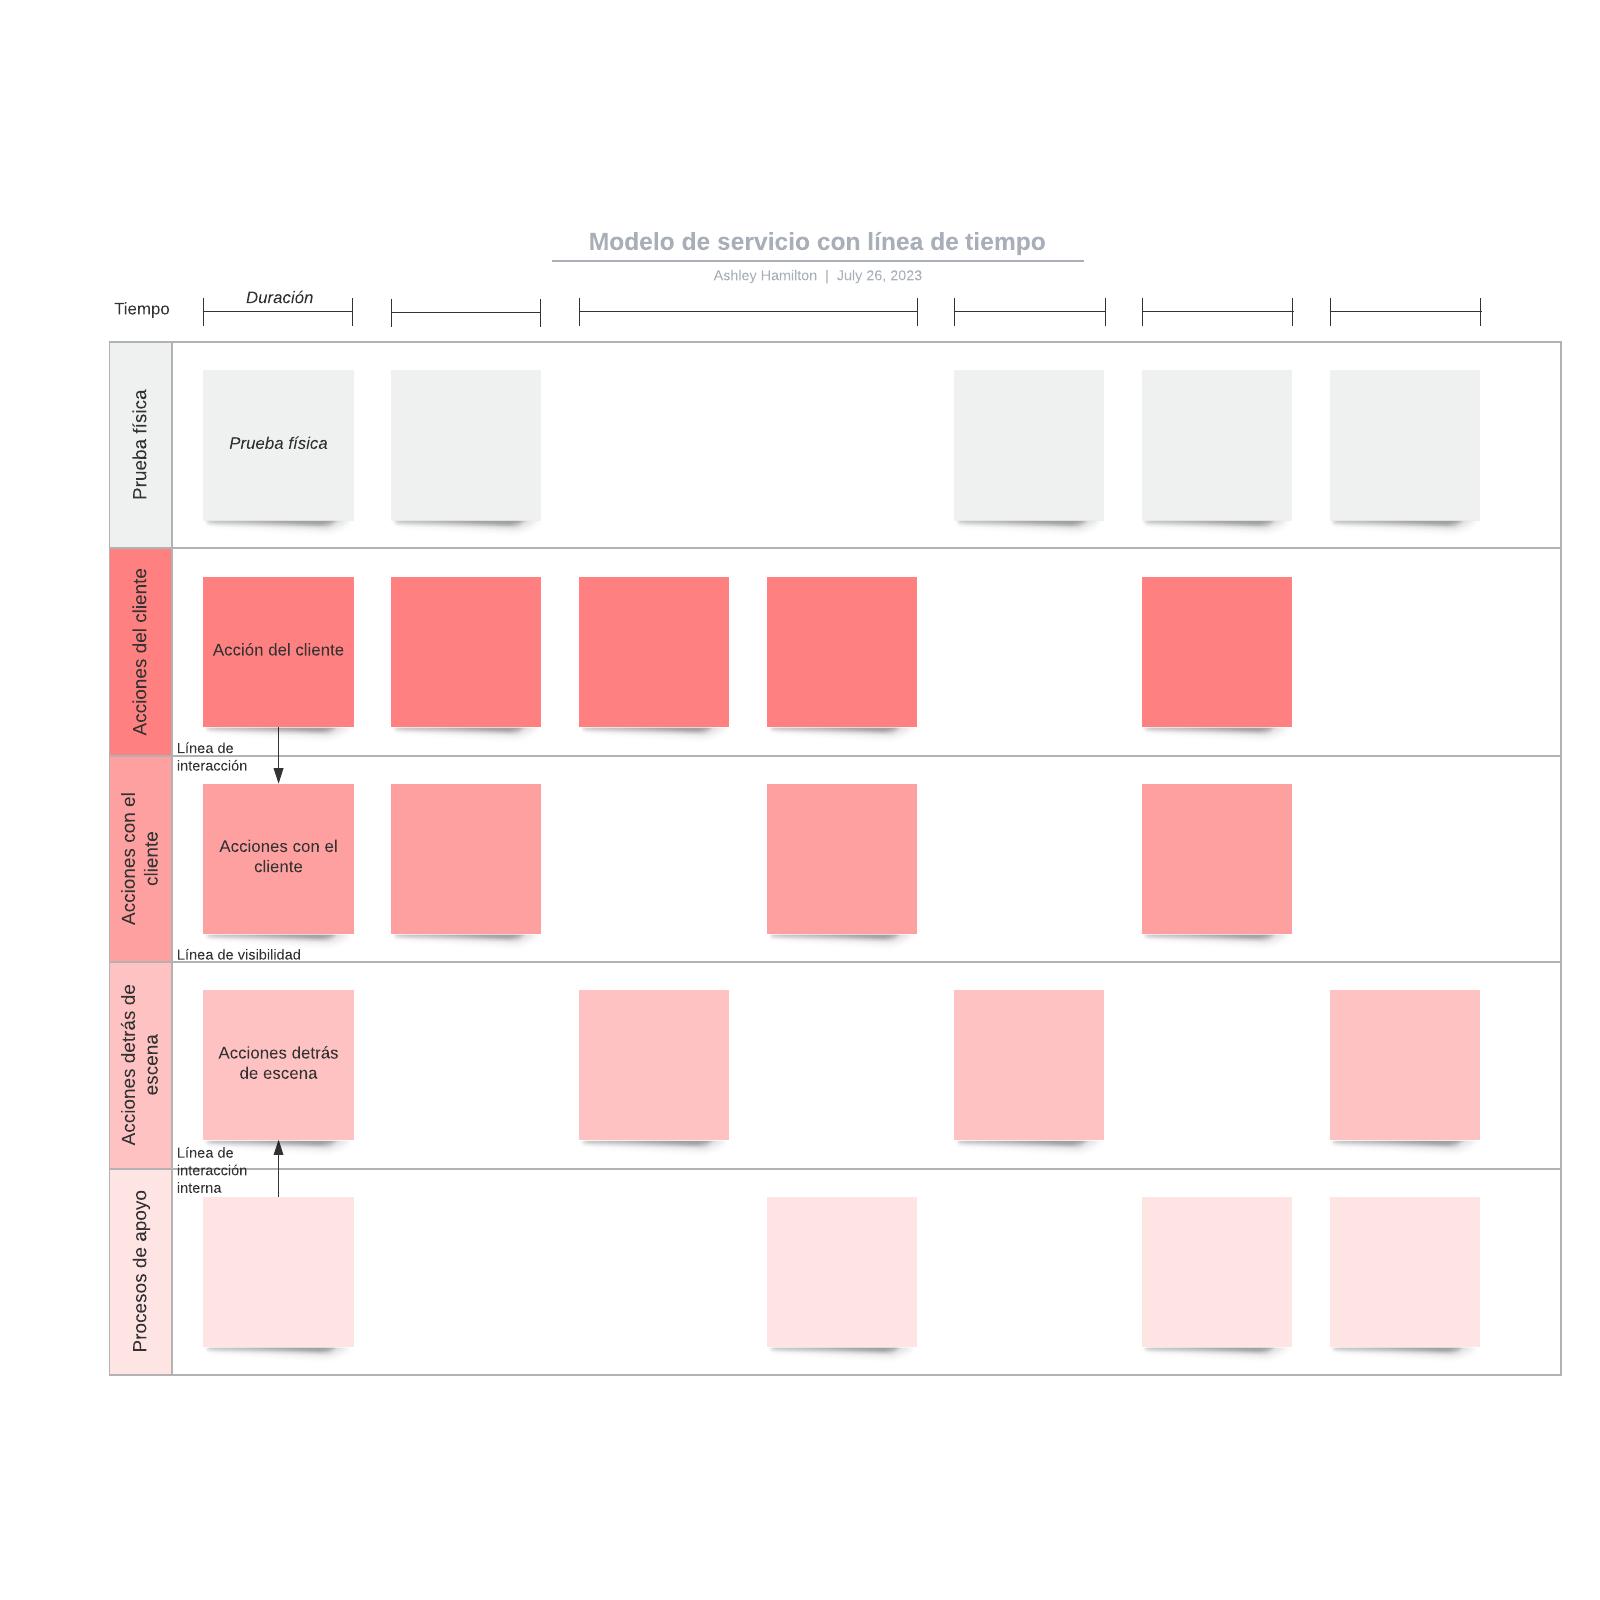 Modelo de servicio con línea de tiempo